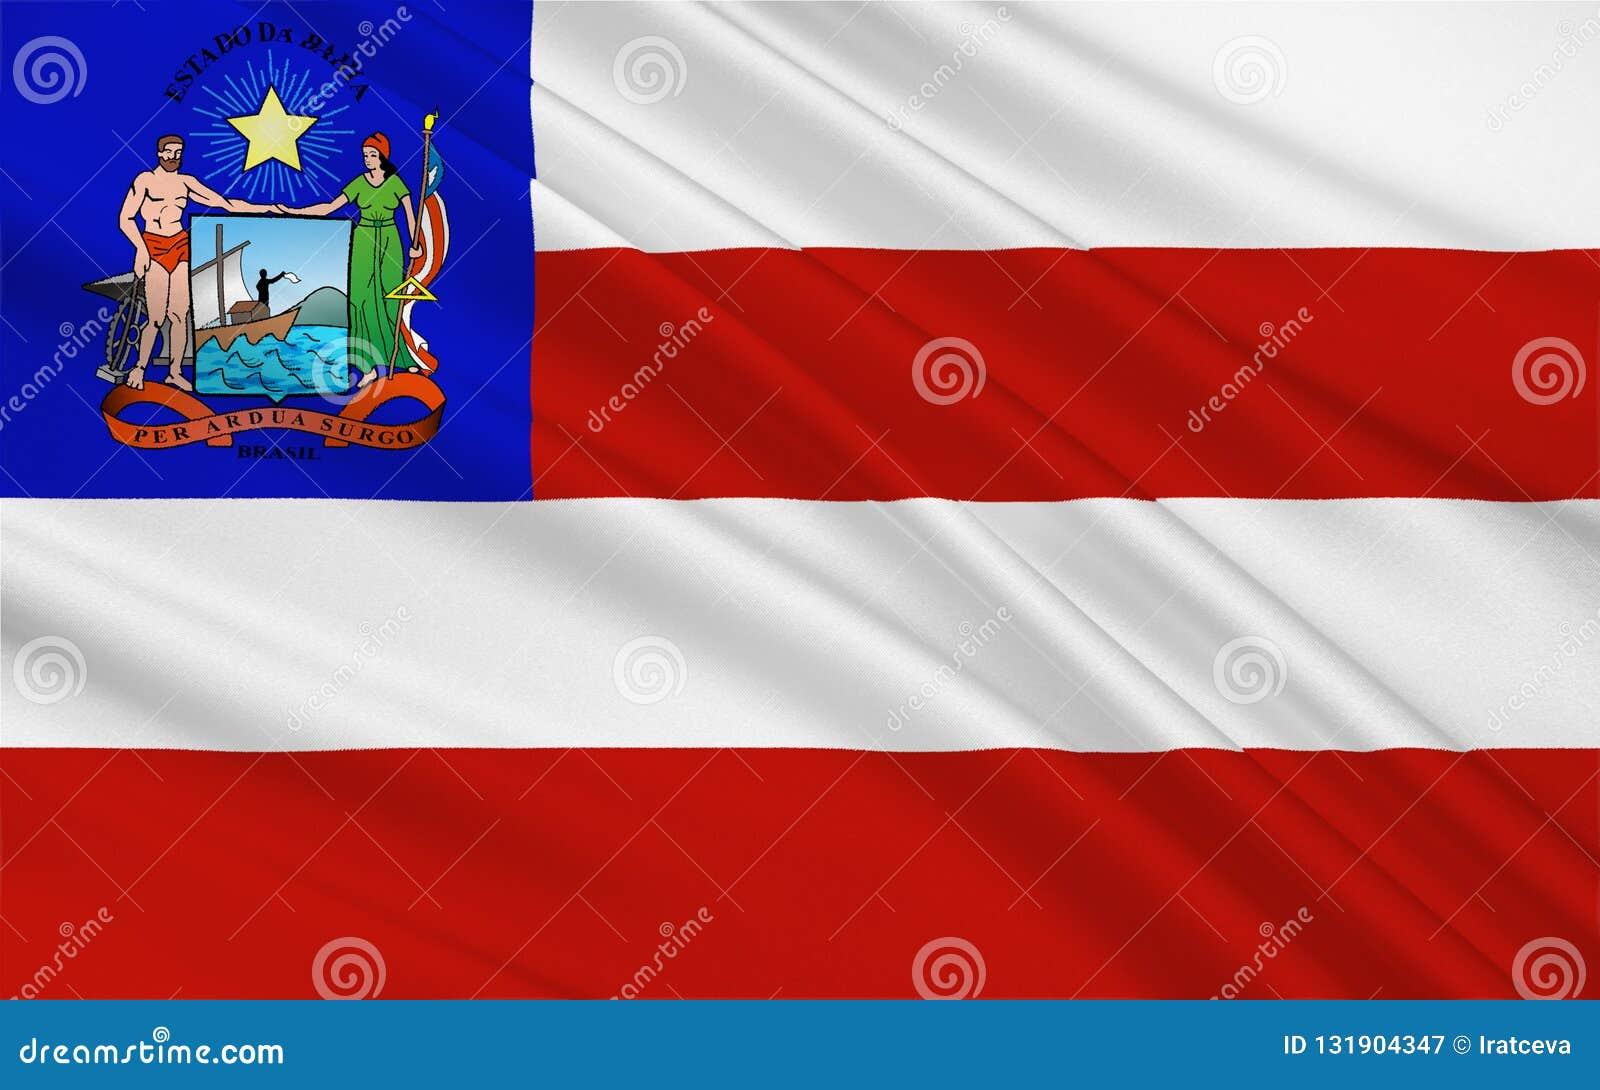 Flag of Bahia, Brazil